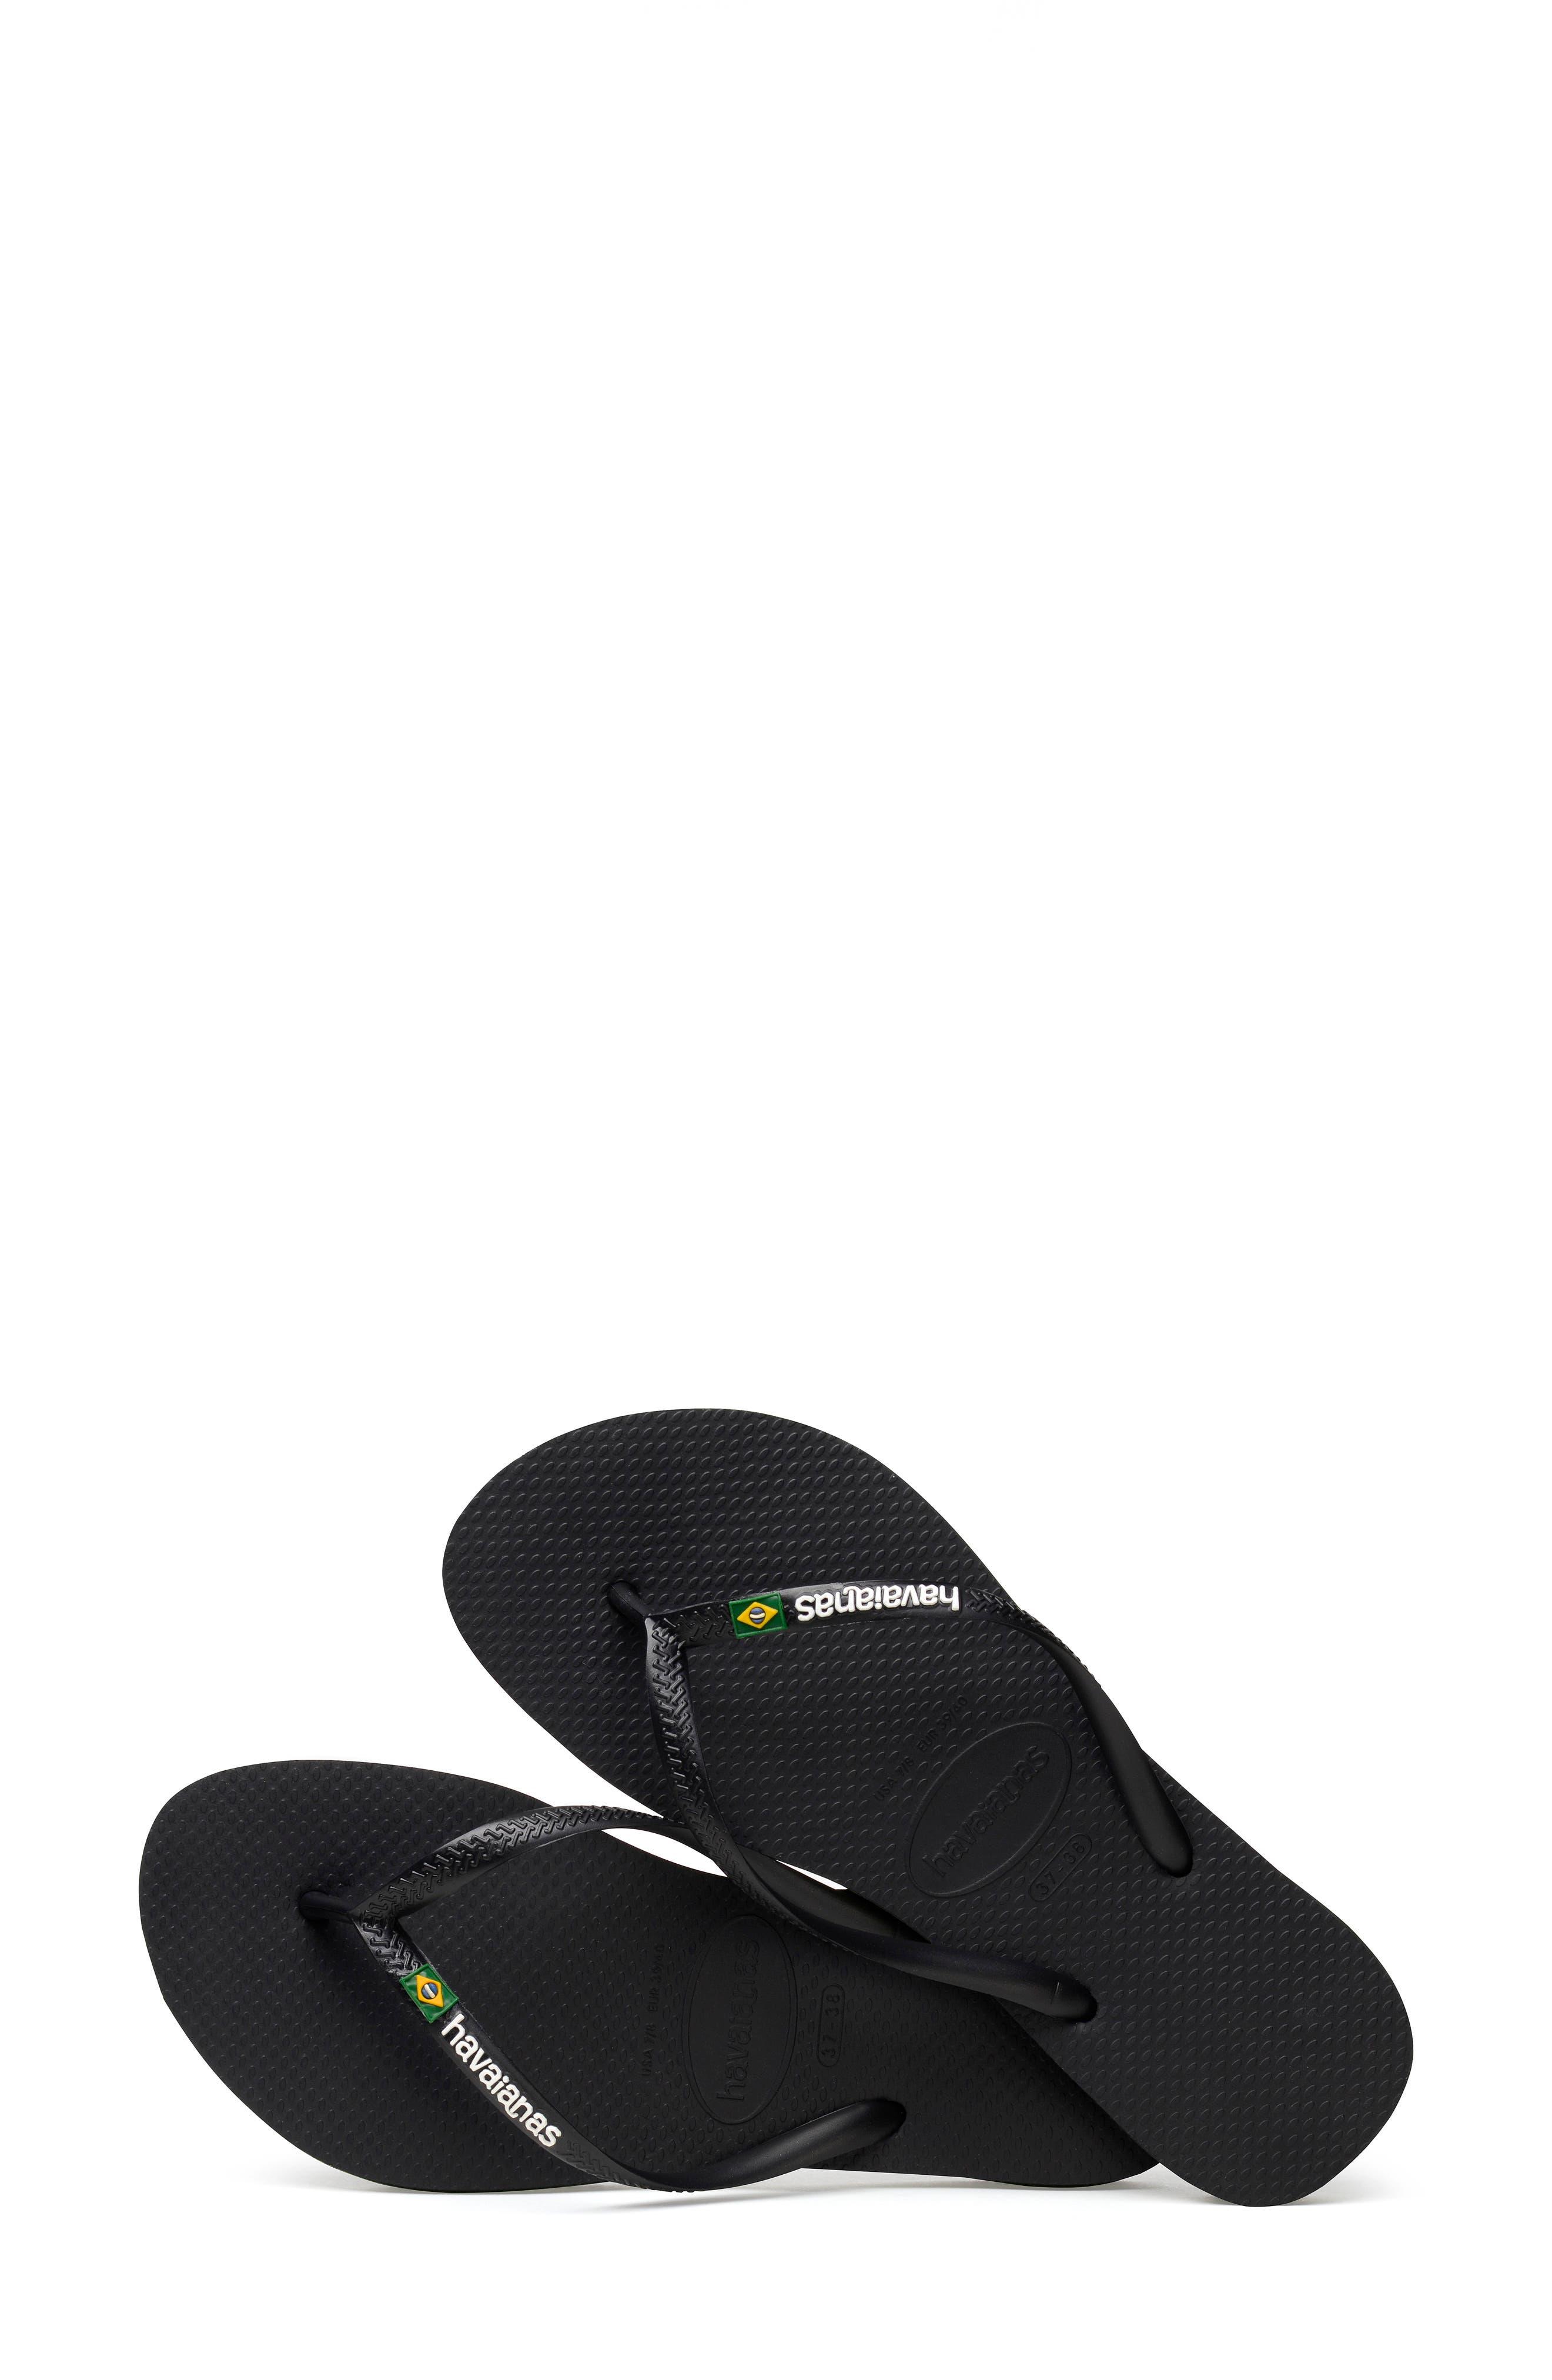 HAVAIANAS, Slim Brazil Flip Flop, Alternate thumbnail 7, color, BLACK